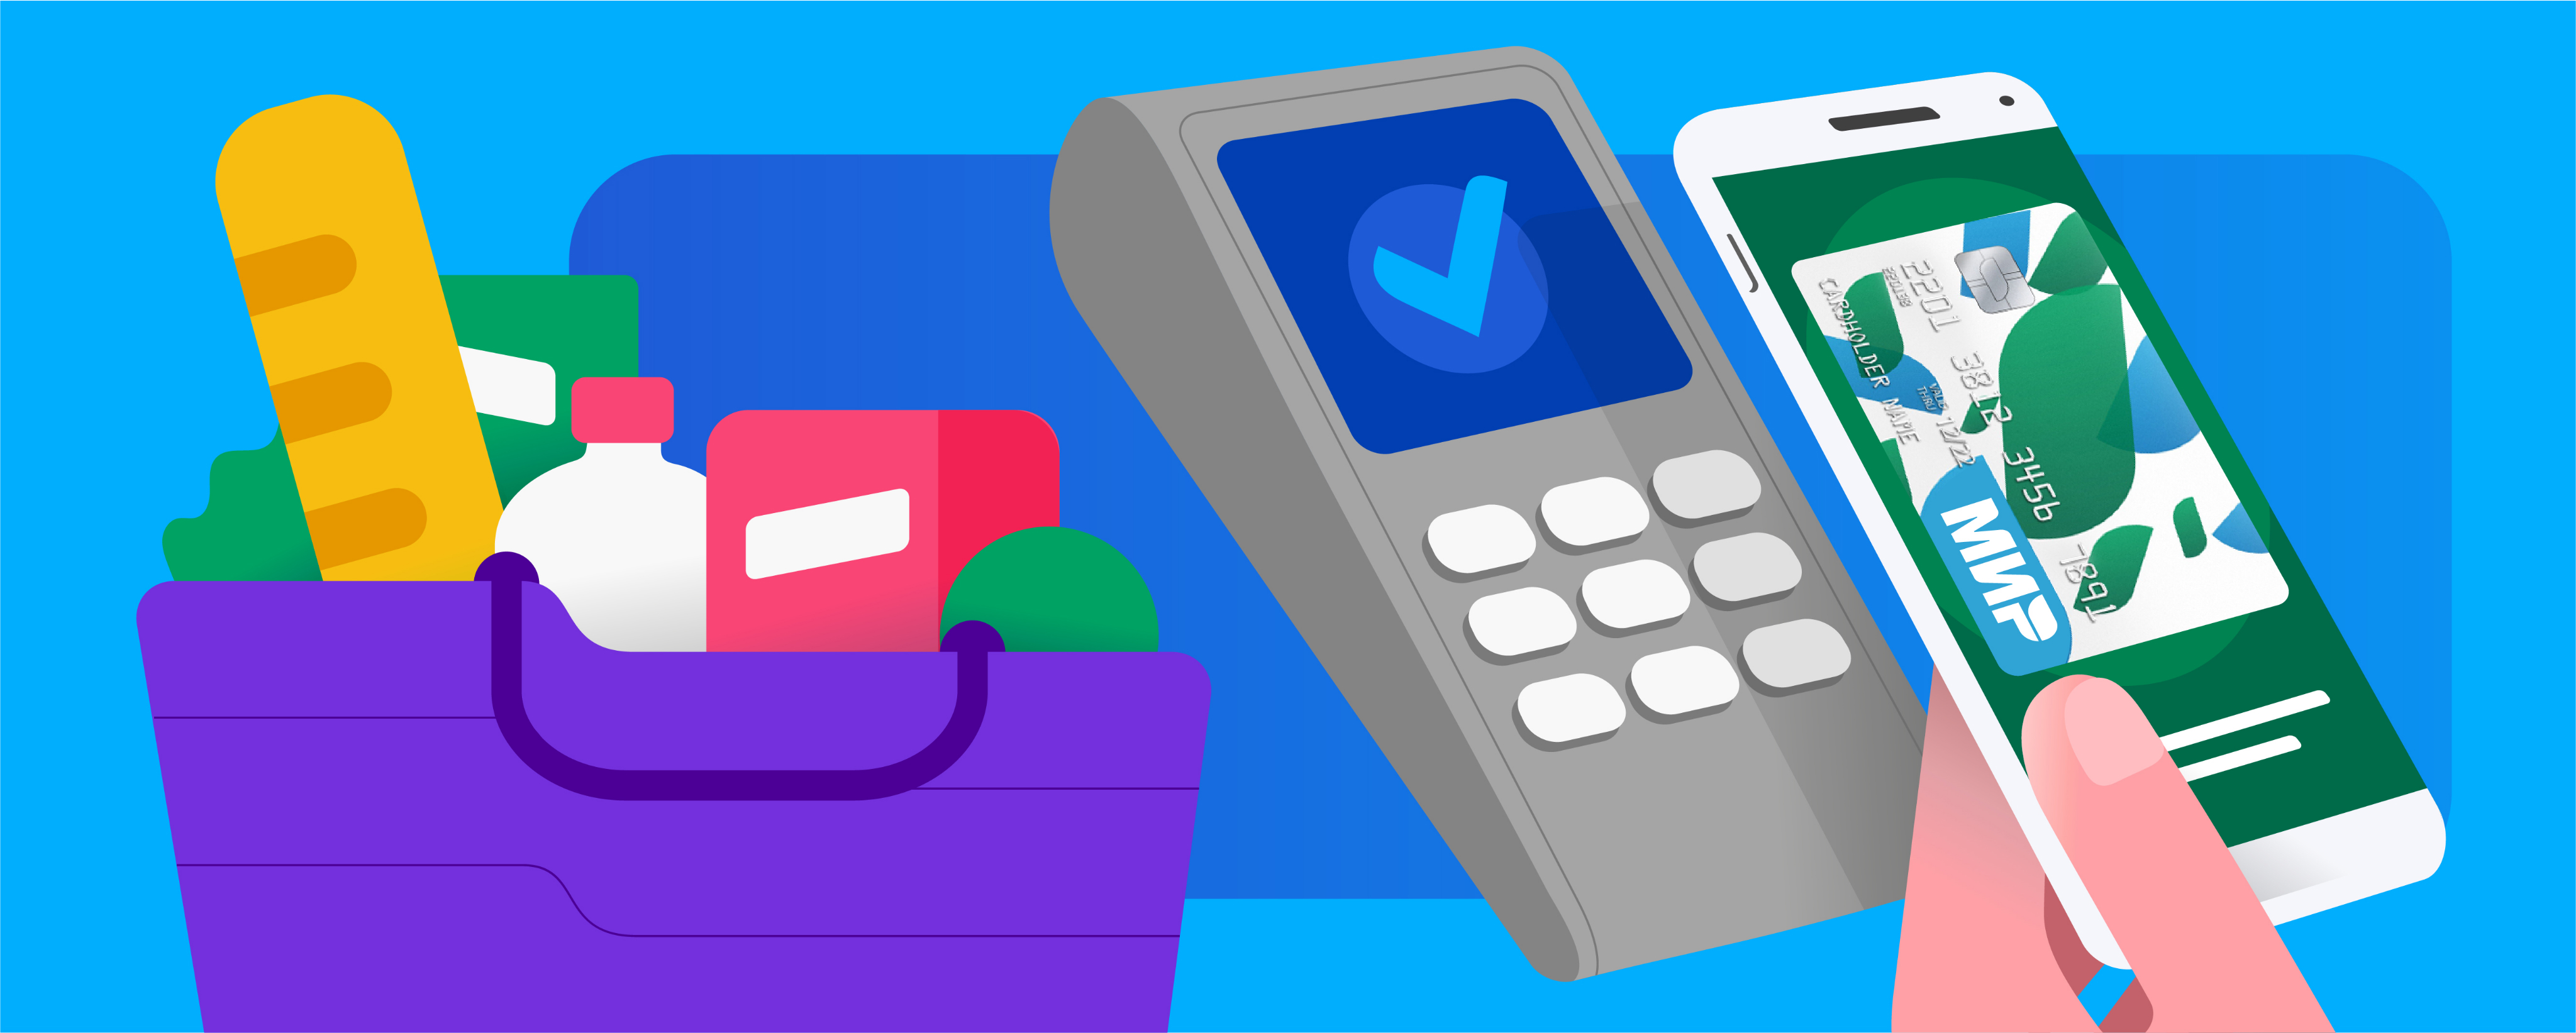 Mir Pay стал доступен держателям карт «Мир» Сбербанка